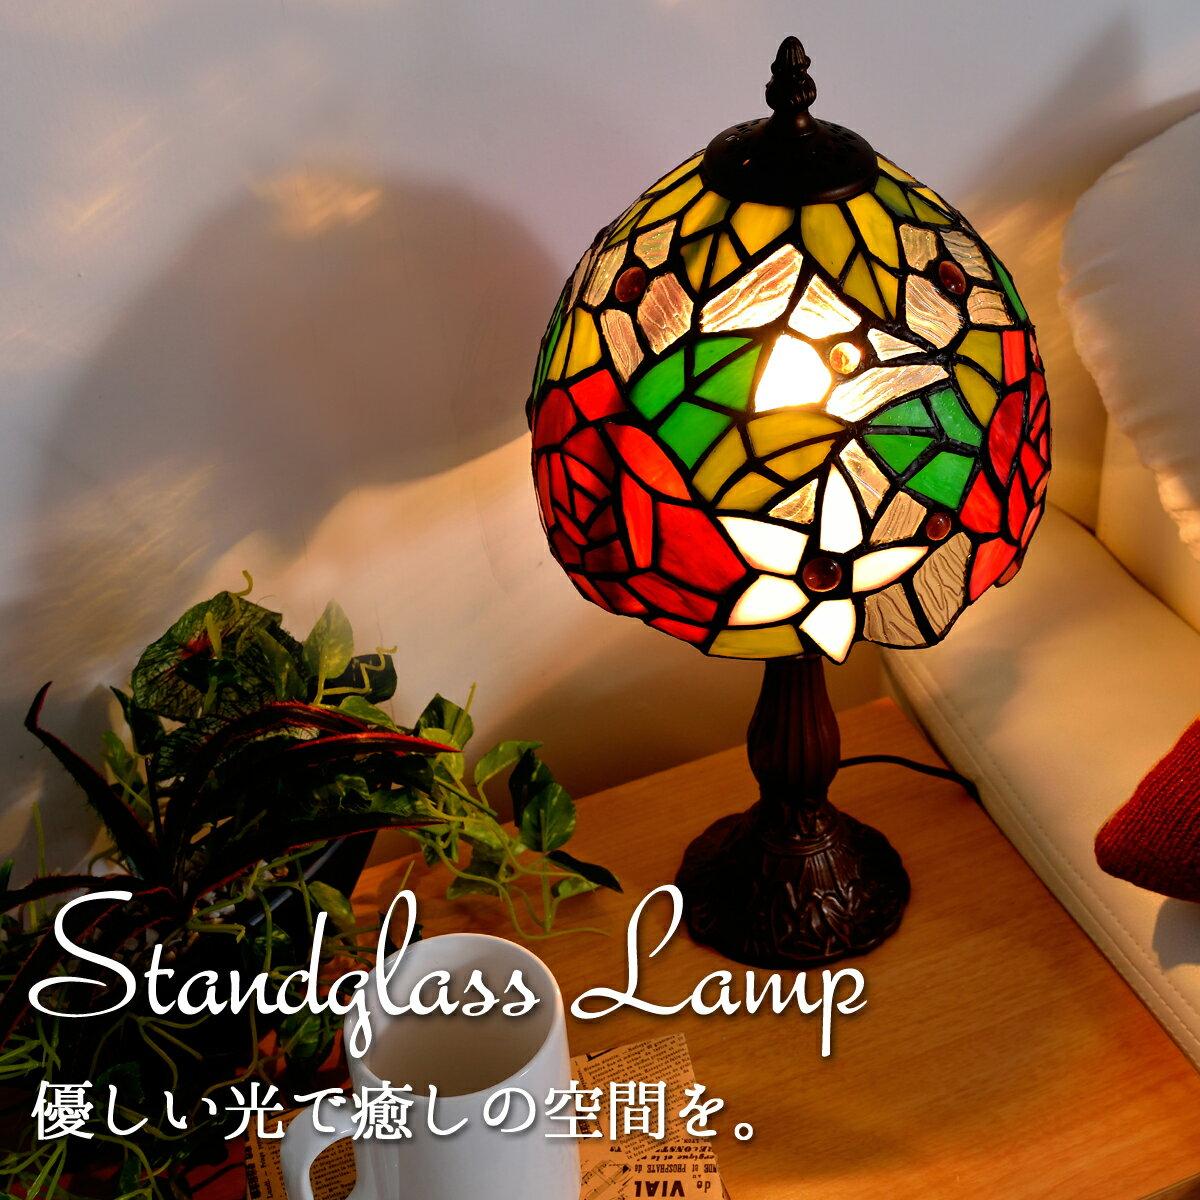 光の芸術!あたたかい光で優しく癒します 癒しのステンドランプ バイオレットローズST-2805B4 お祝い事やイベント・プレゼントにも最適 ステンドライト ステンドグラスランプ【tk】